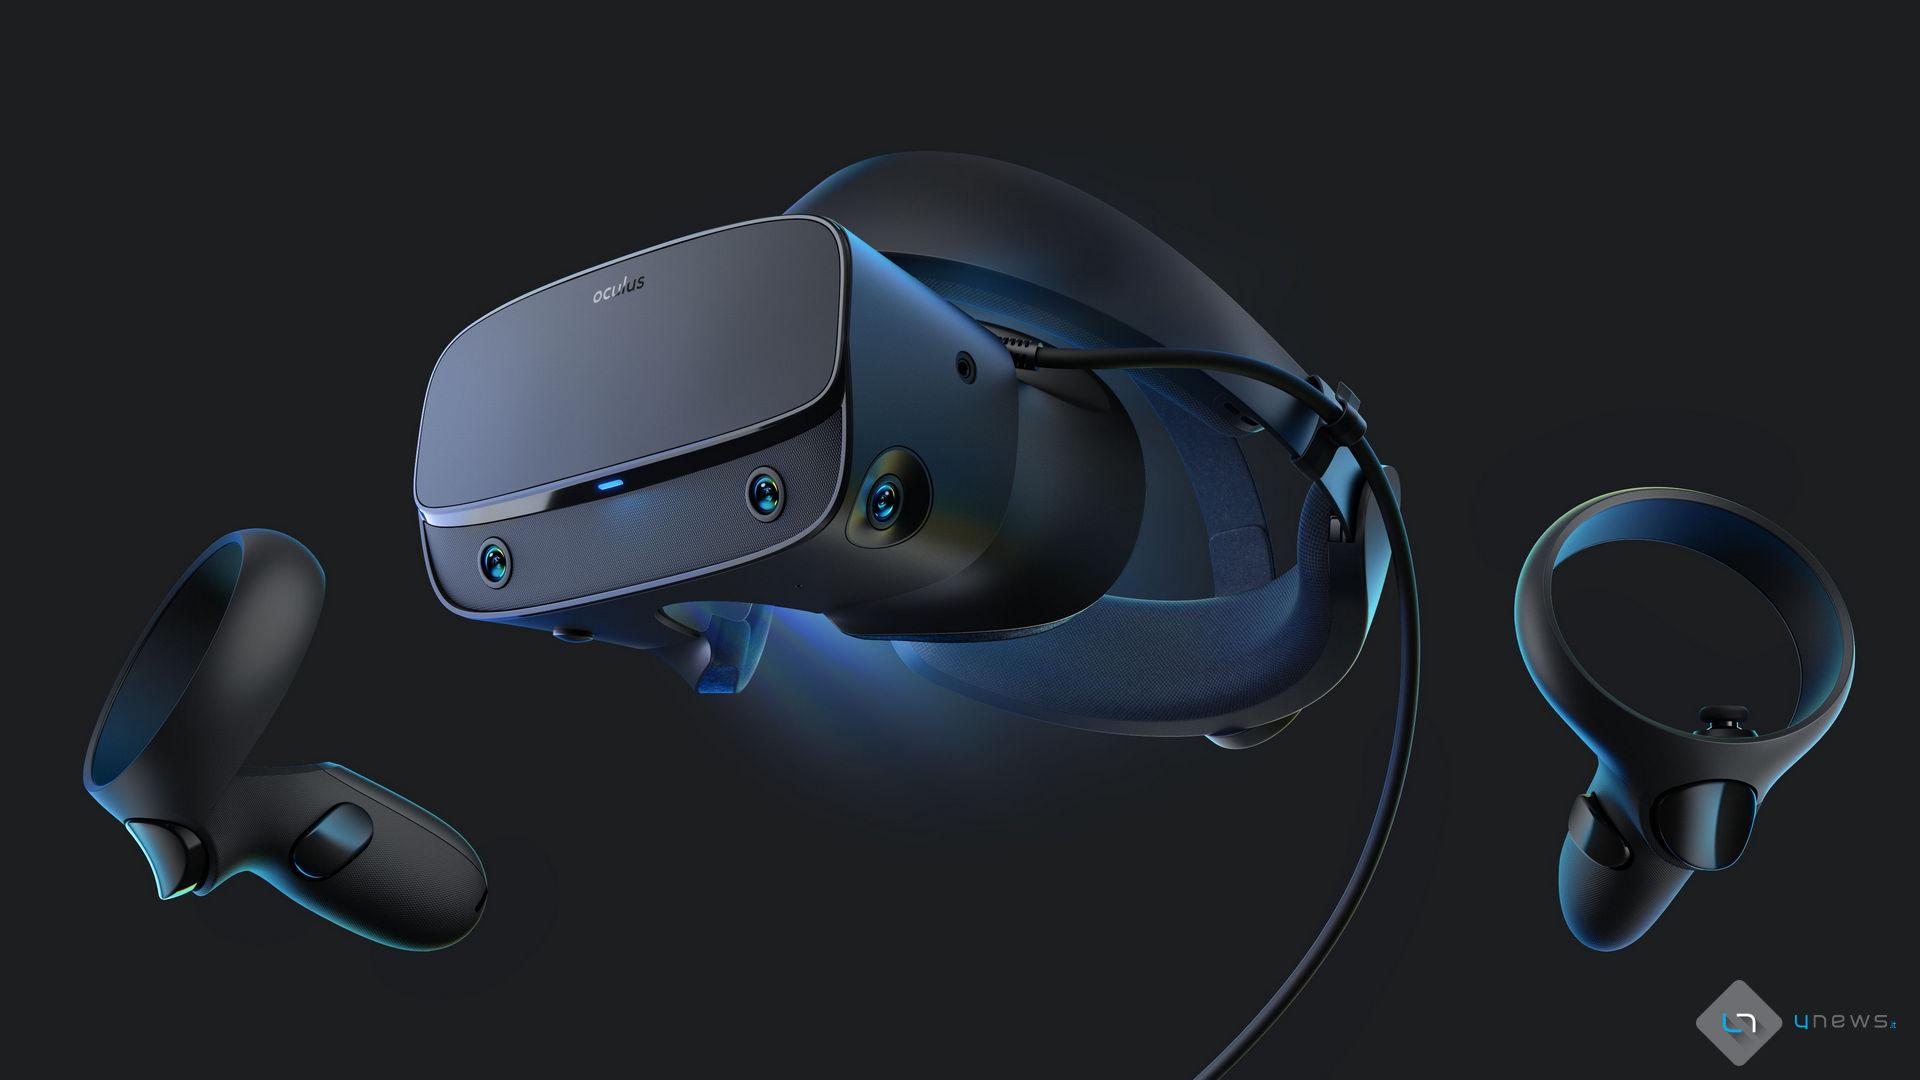 Oculus RiftS - Guida per principianti alla VR - Parte II - Il miglior visore VR